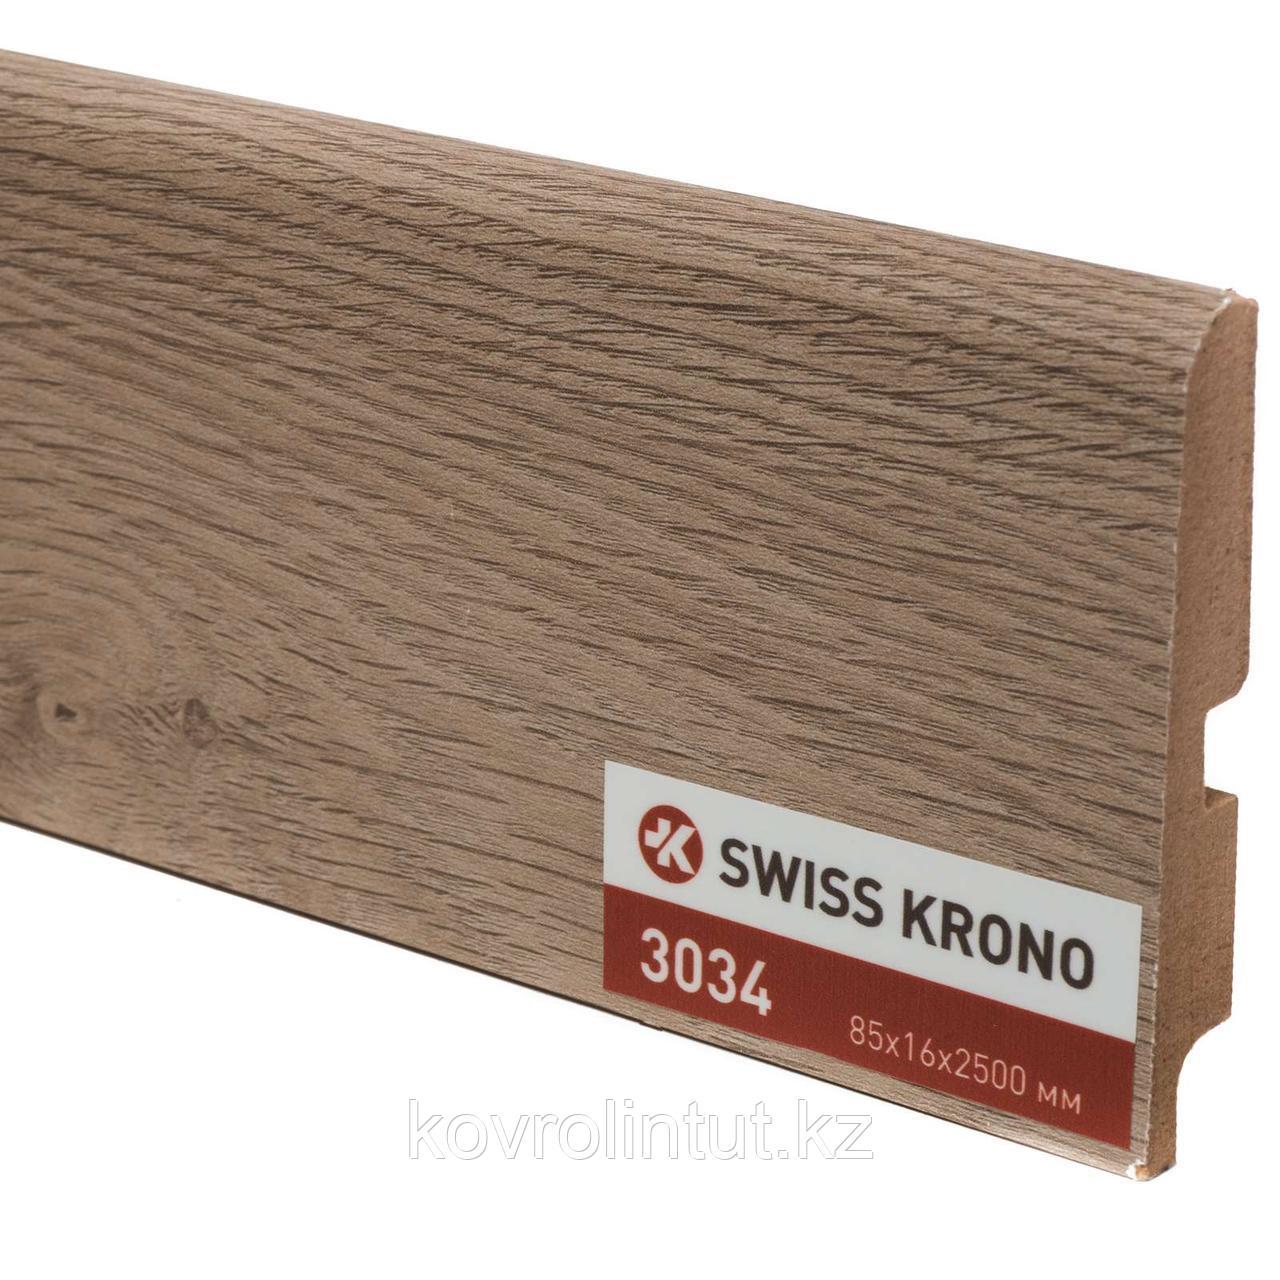 Плинтус Kronopol P85 3034 Ferrara Oak 2500х85х16мм